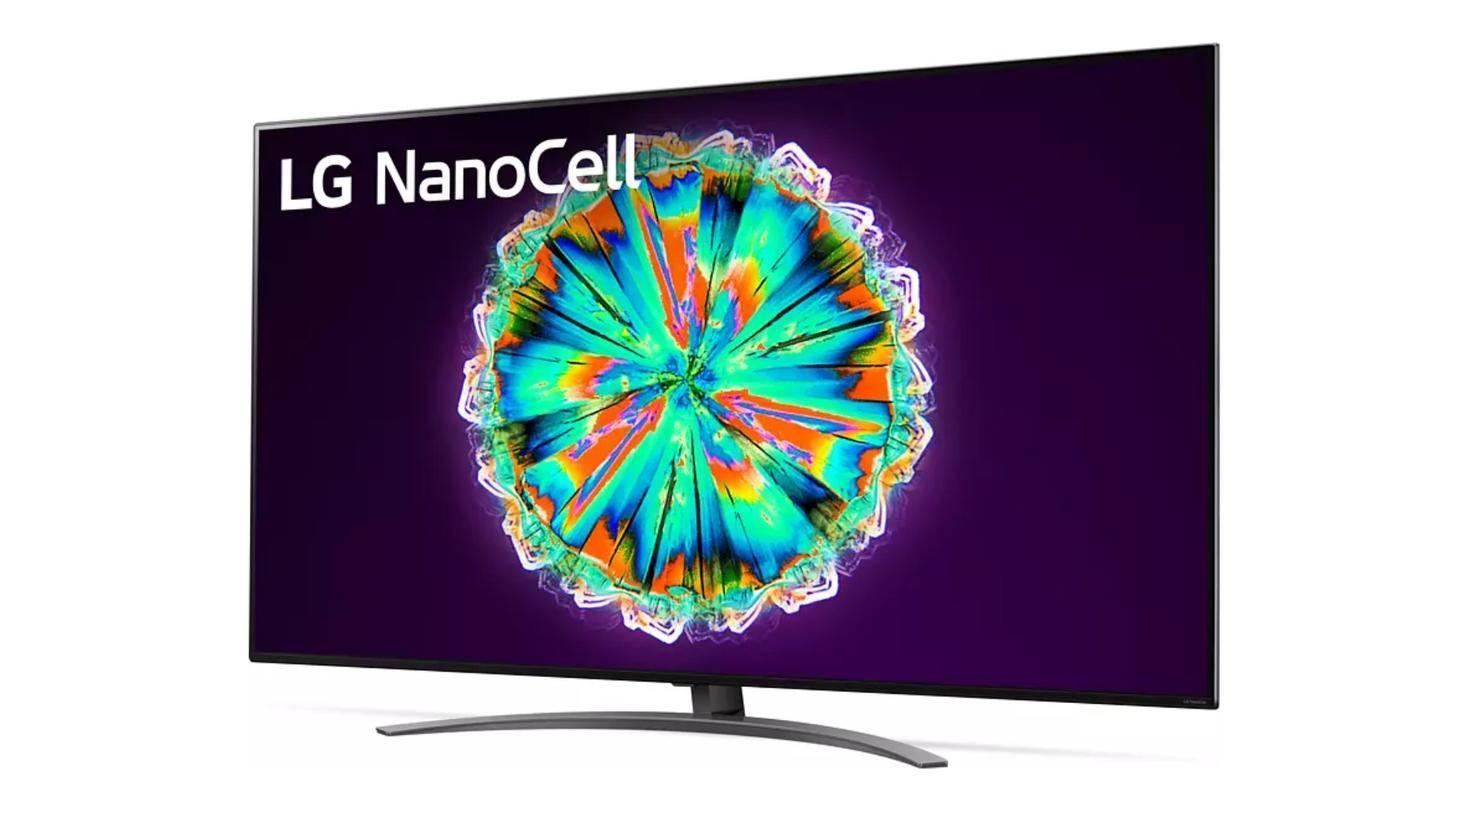 lg-nanocell-tv-nano-917